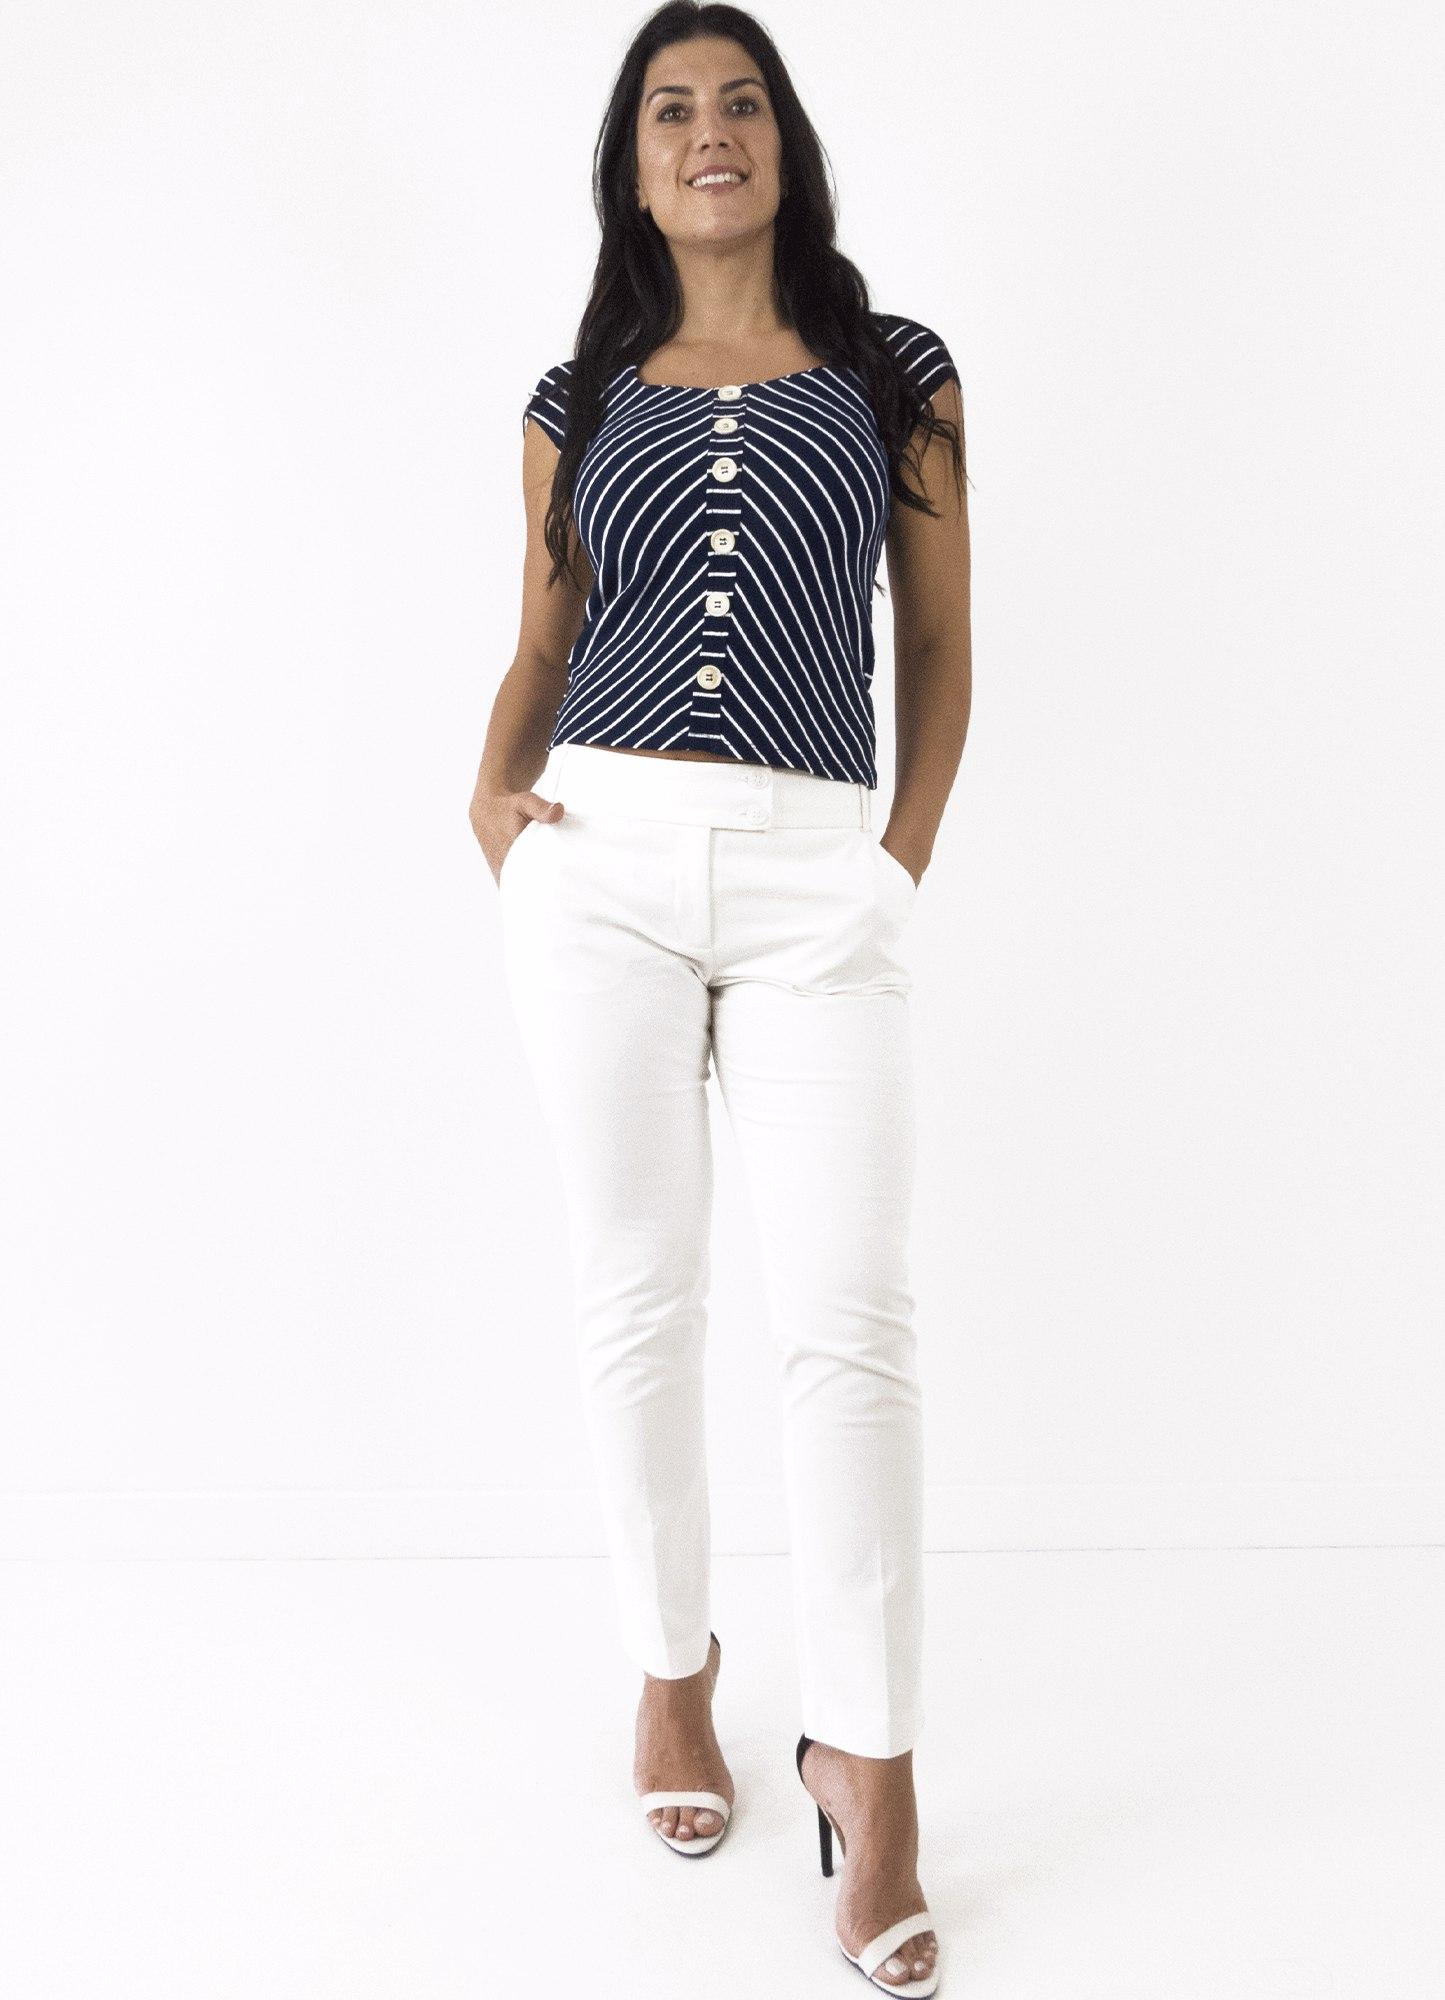 Blusa Feminina Canelada Listrada Preta e Branca com Botões Decorativos